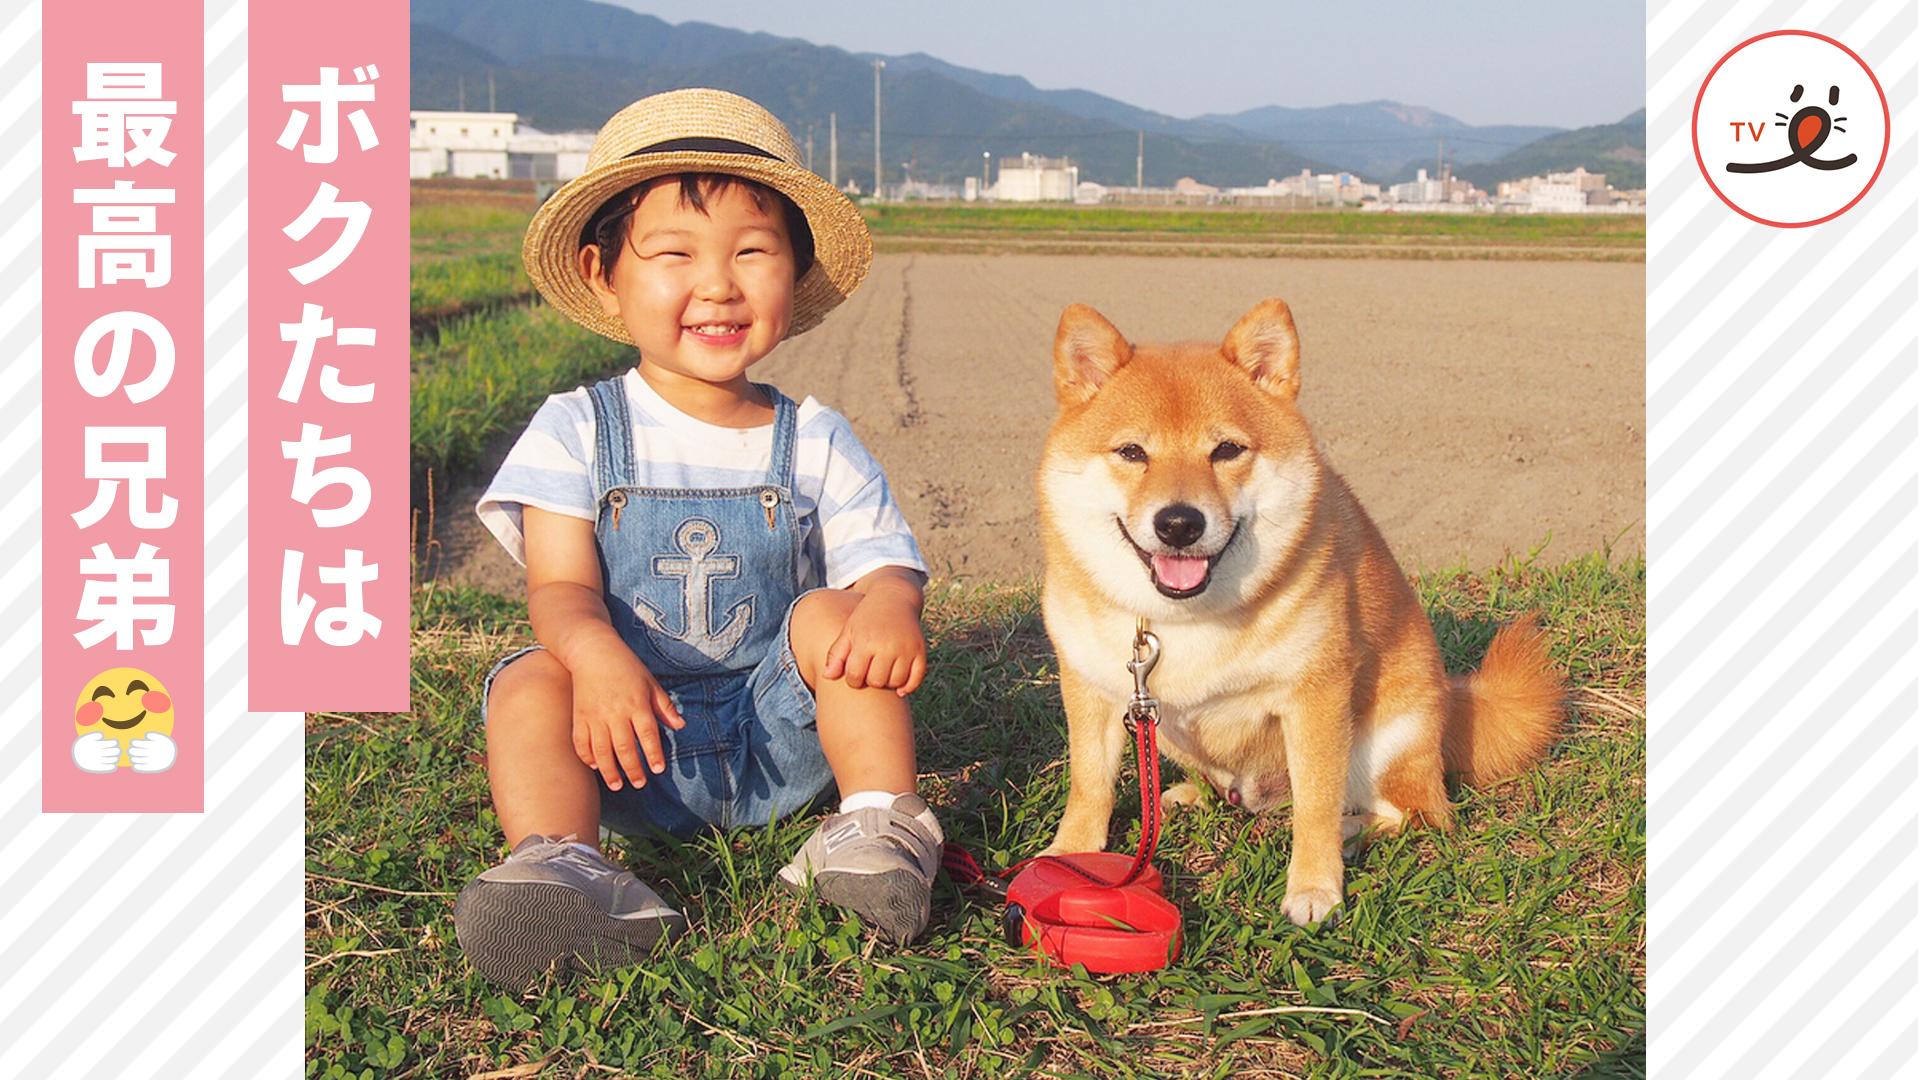 ボクがお兄ちゃんだよ🐕 赤ちゃんと柴犬のほのぼの成長記録